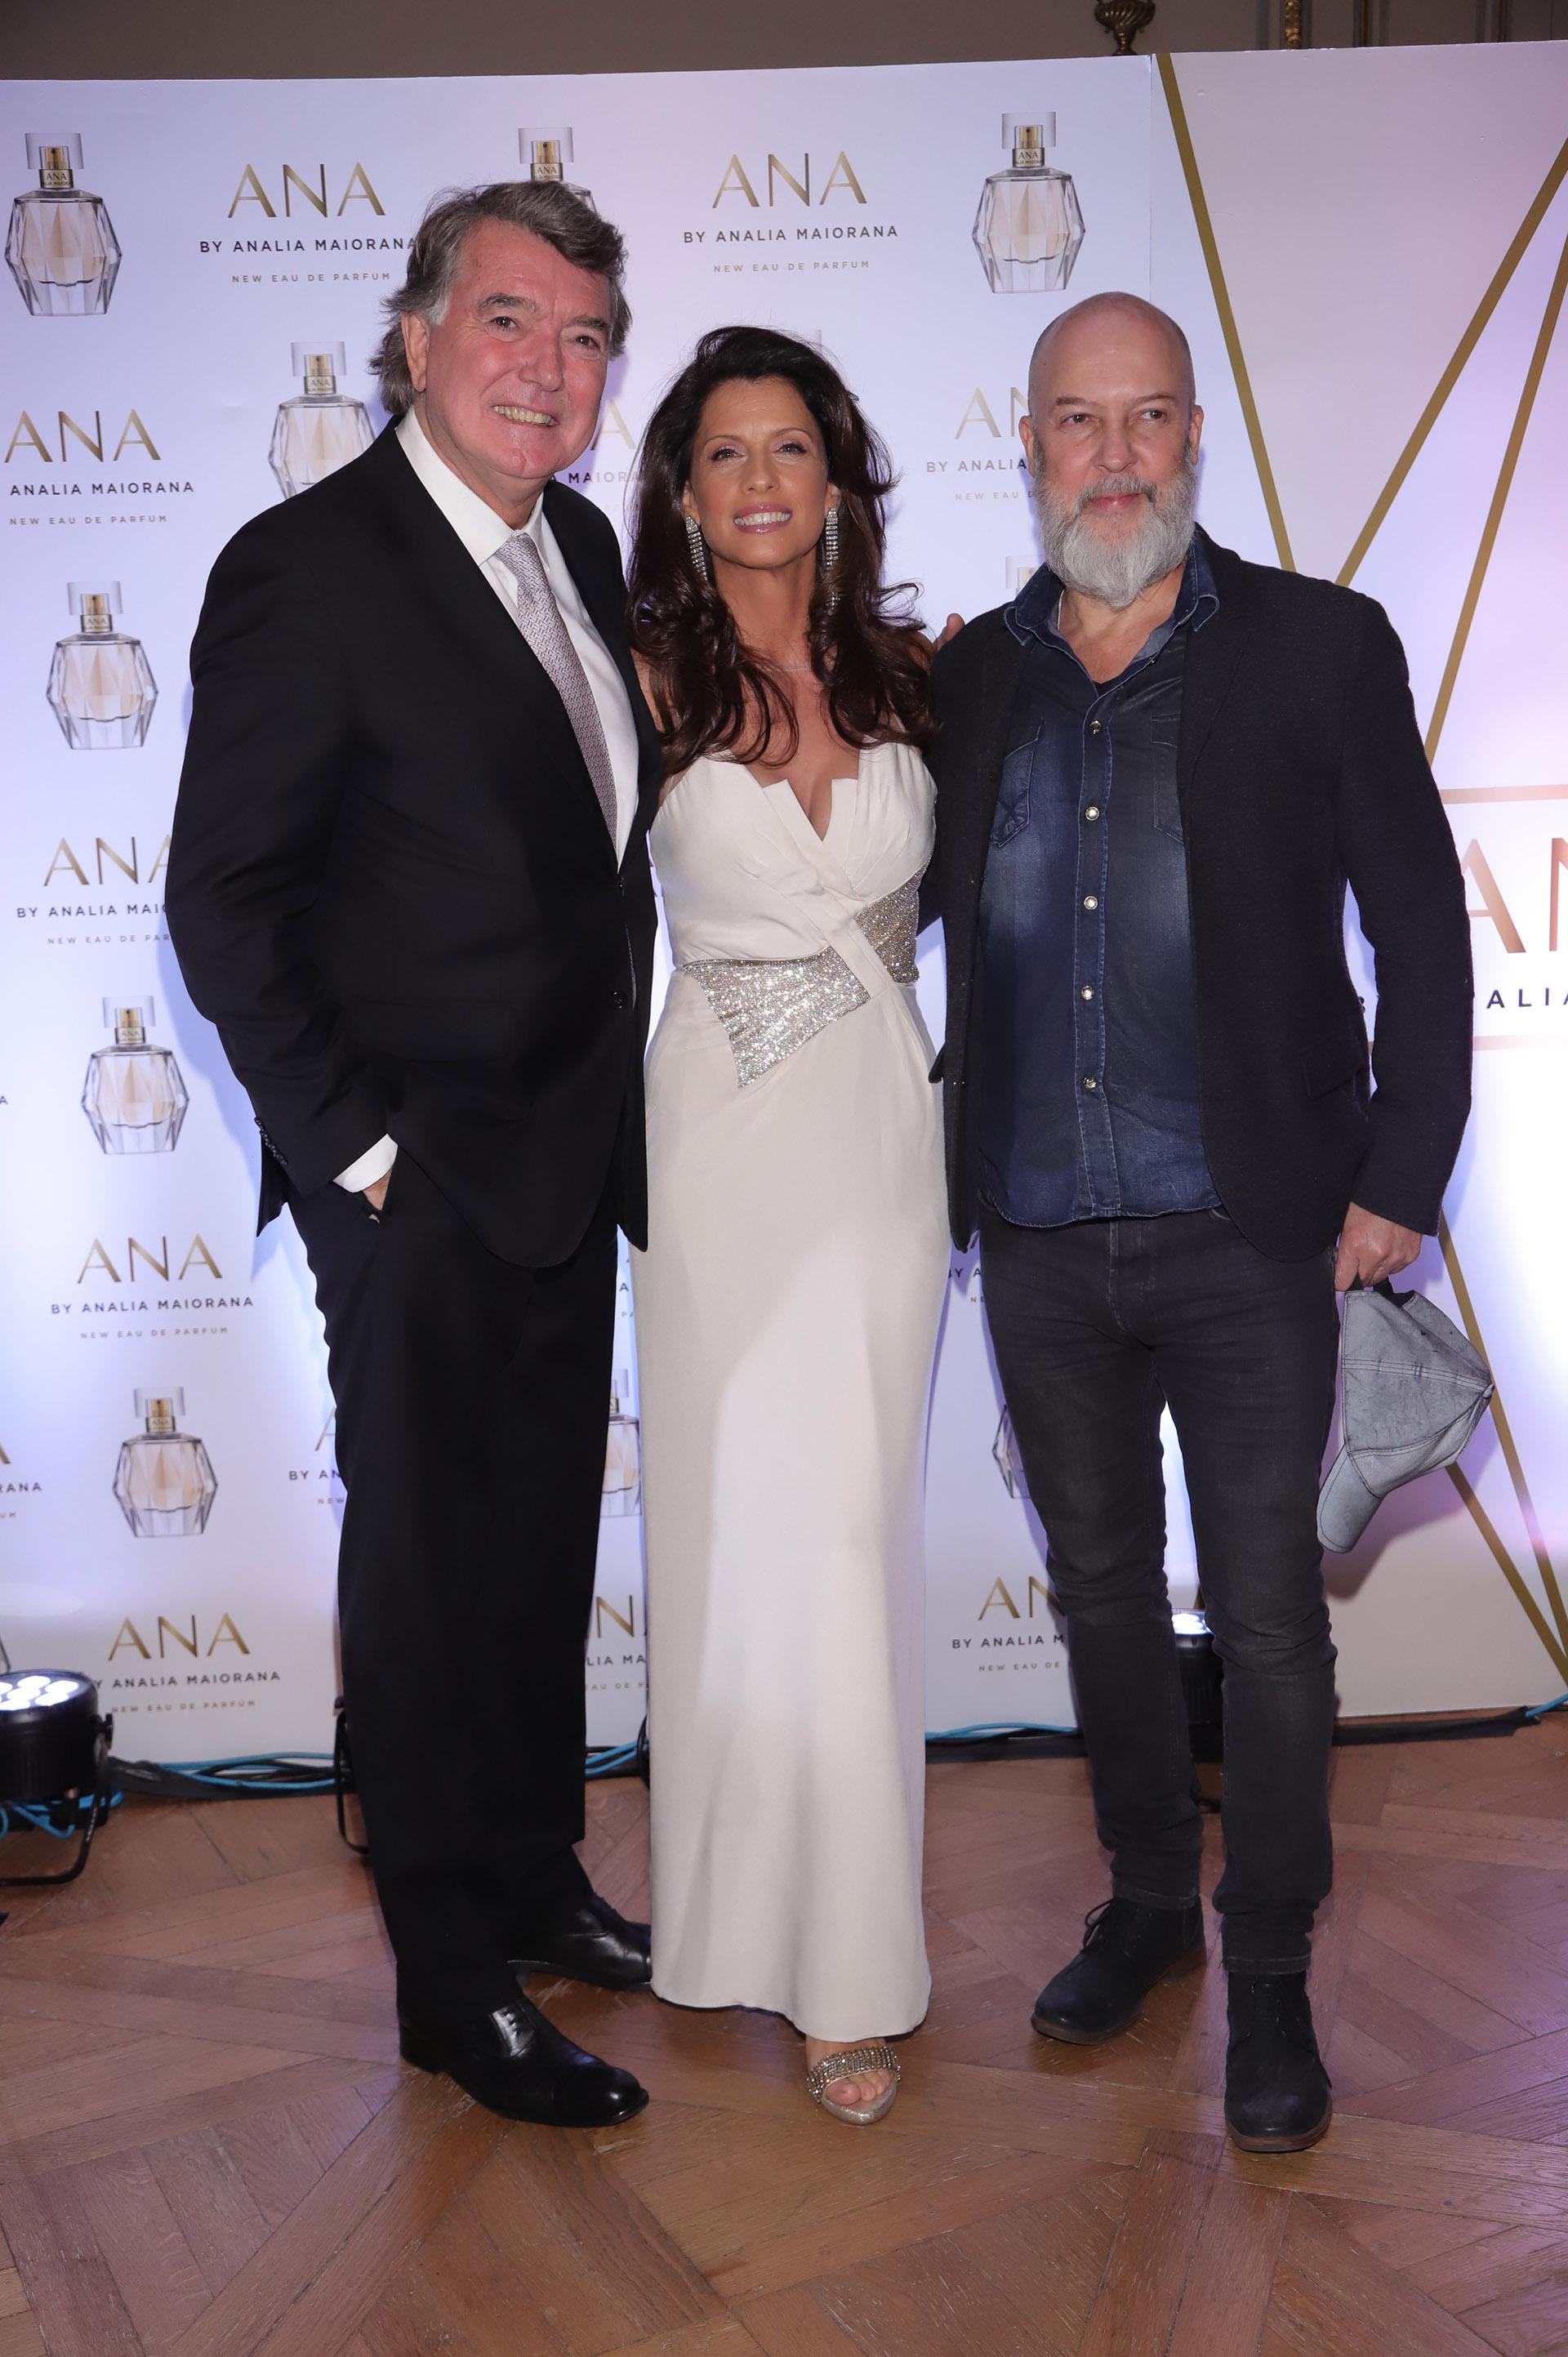 Pancho Dotto, Analía Maiorana y el fotógrafo Gabriel Rocca